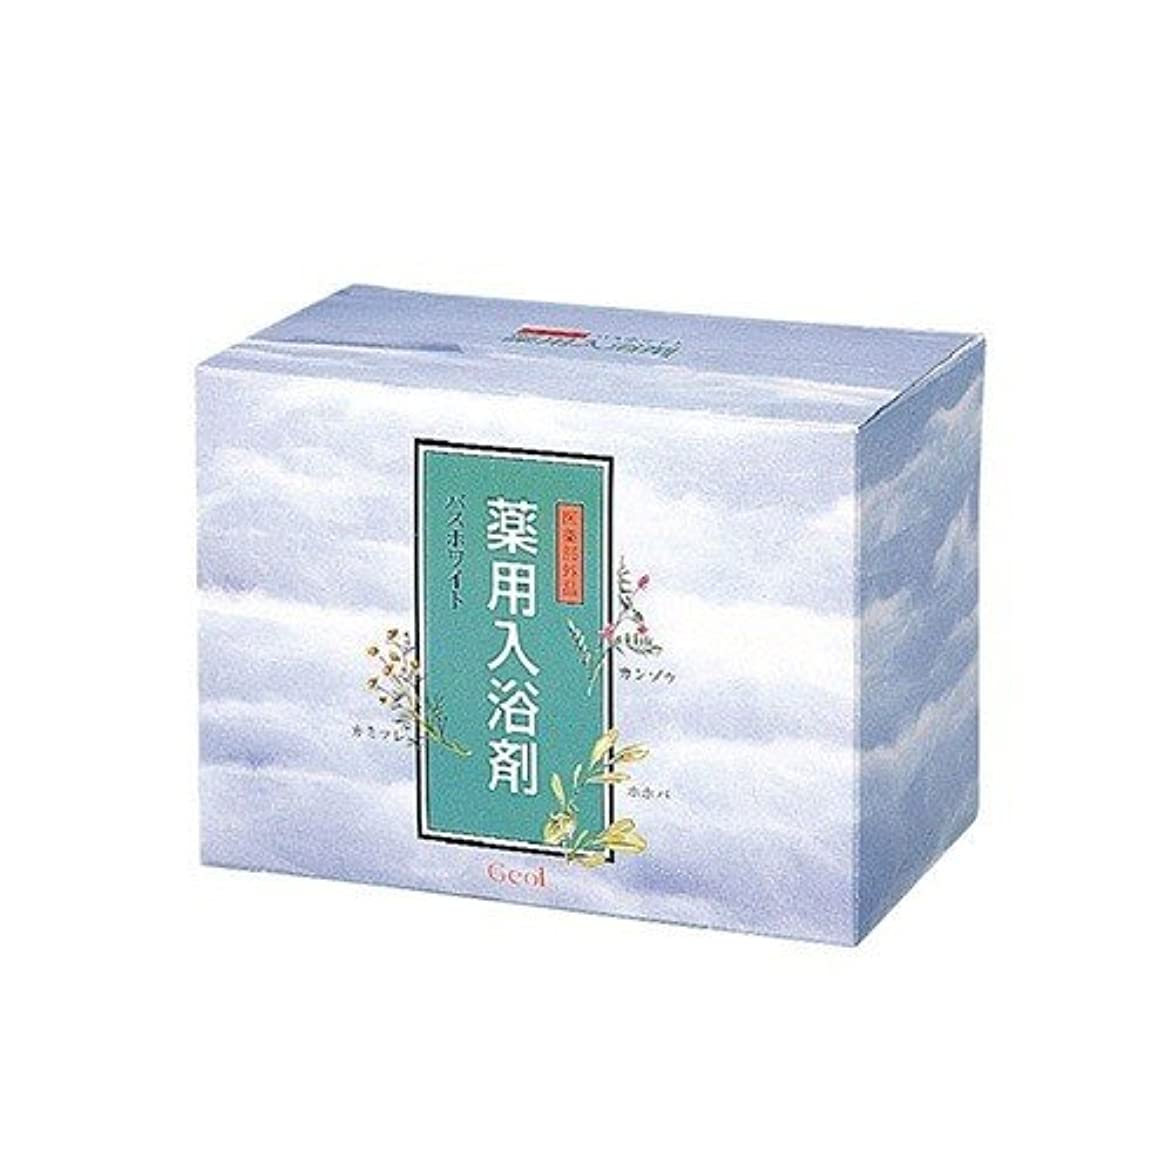 私対象夕暮れゲオール 薬用入浴剤 バスホワイト 医薬部外品